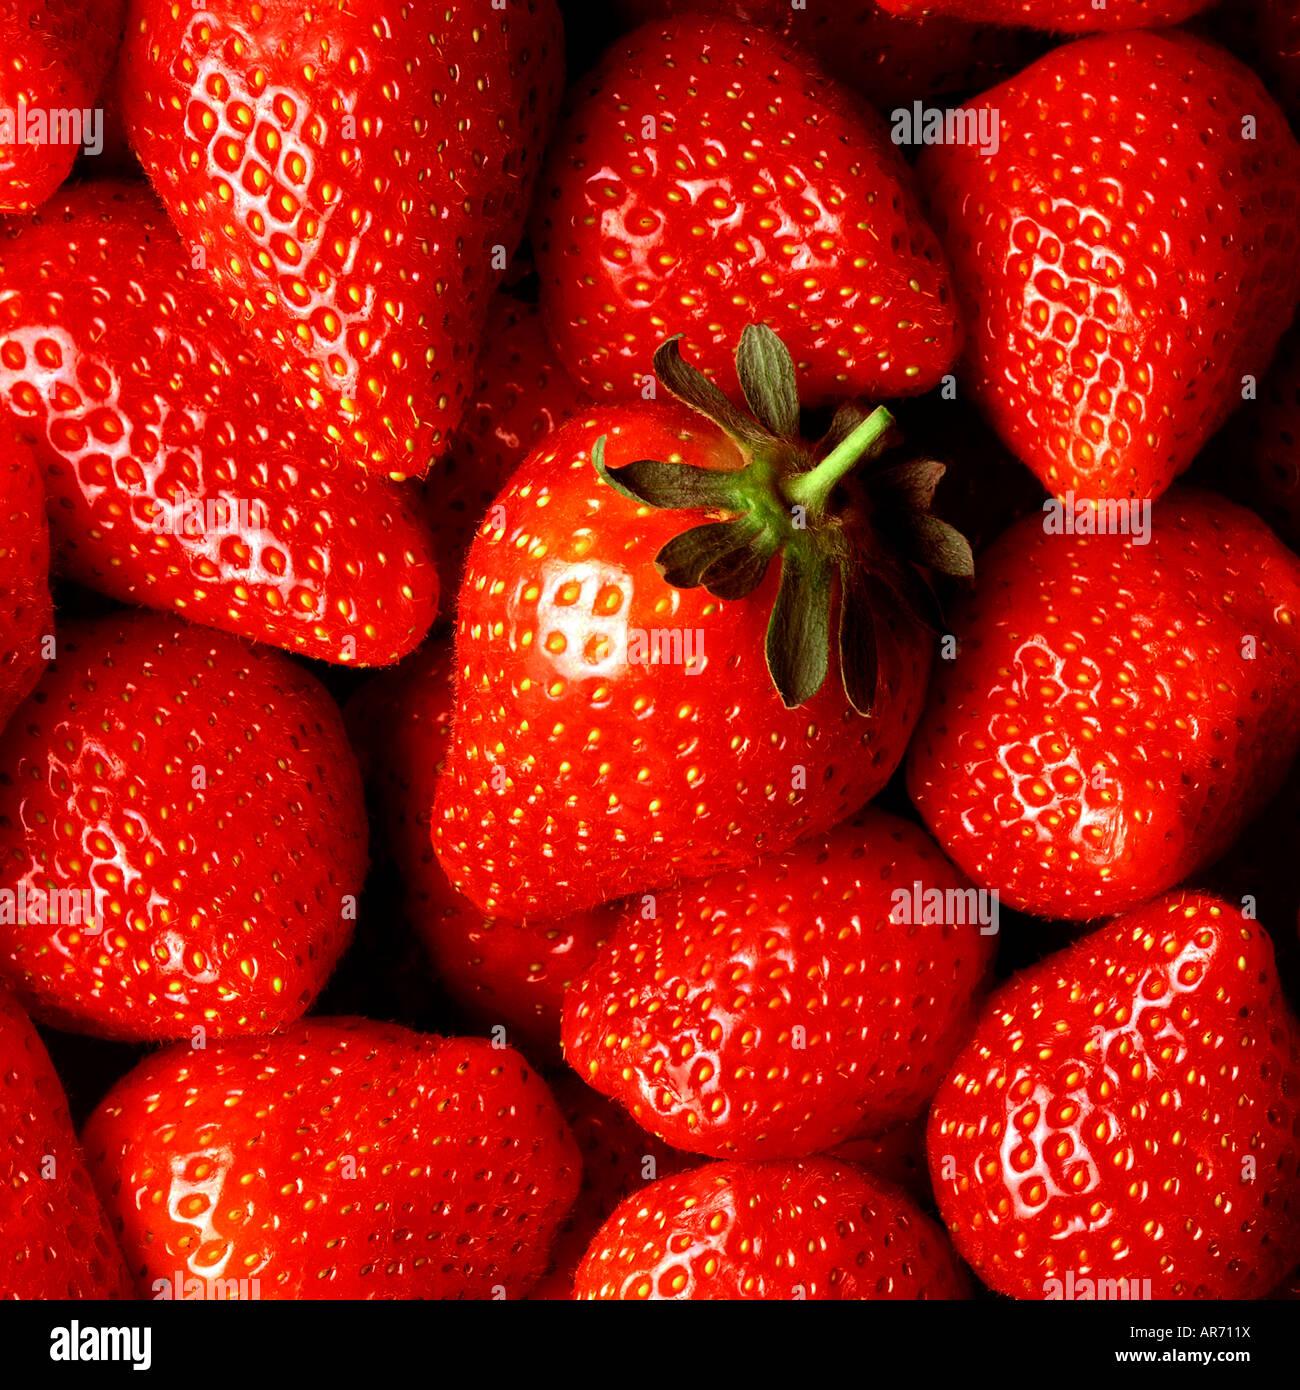 Fresas frescas cerrarán con una fresa 'héroe' EN EL CENTRO DE LA FOTOGRAFÍA Imagen De Stock